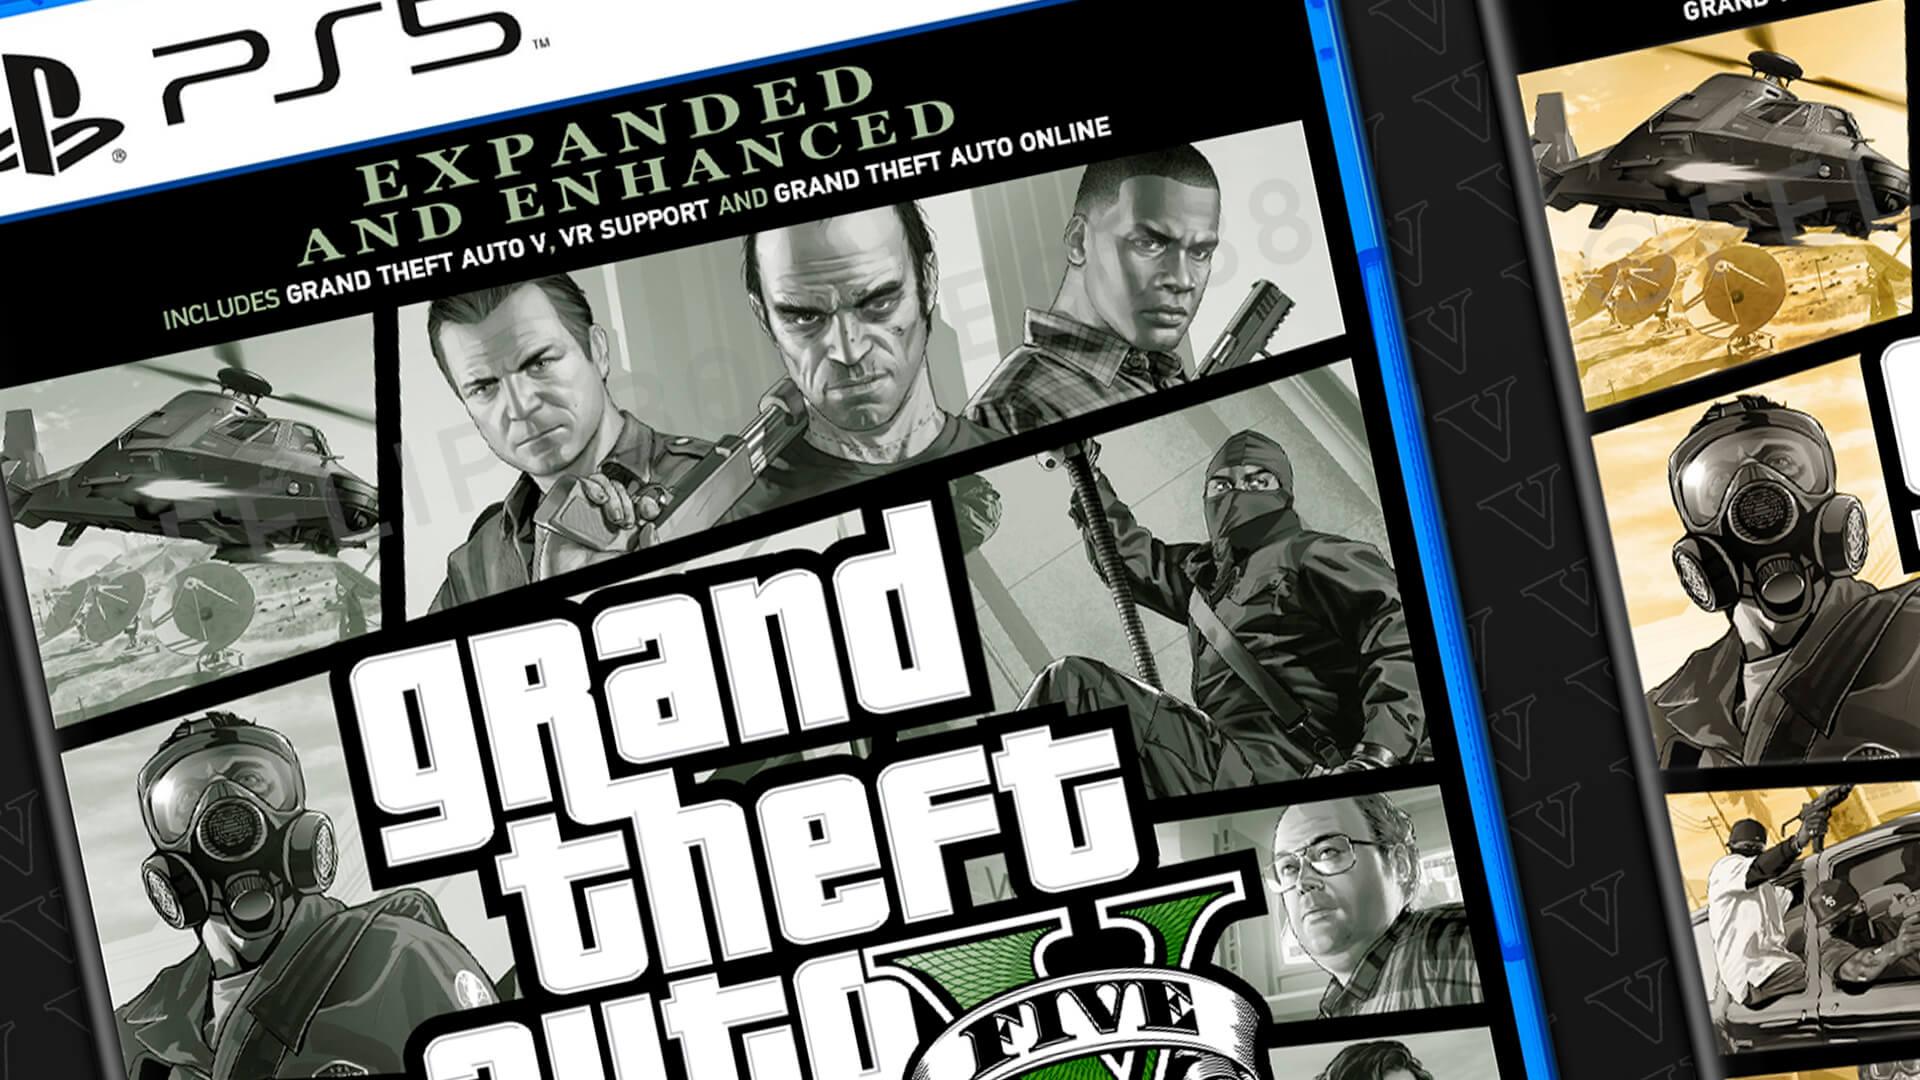 Felipe Borges, fã brasileiro da Rockstar Games e de GTA 5 mostrou no Twitter a sua versão das capas de Grand Theft Auto V para PlayStation 5.